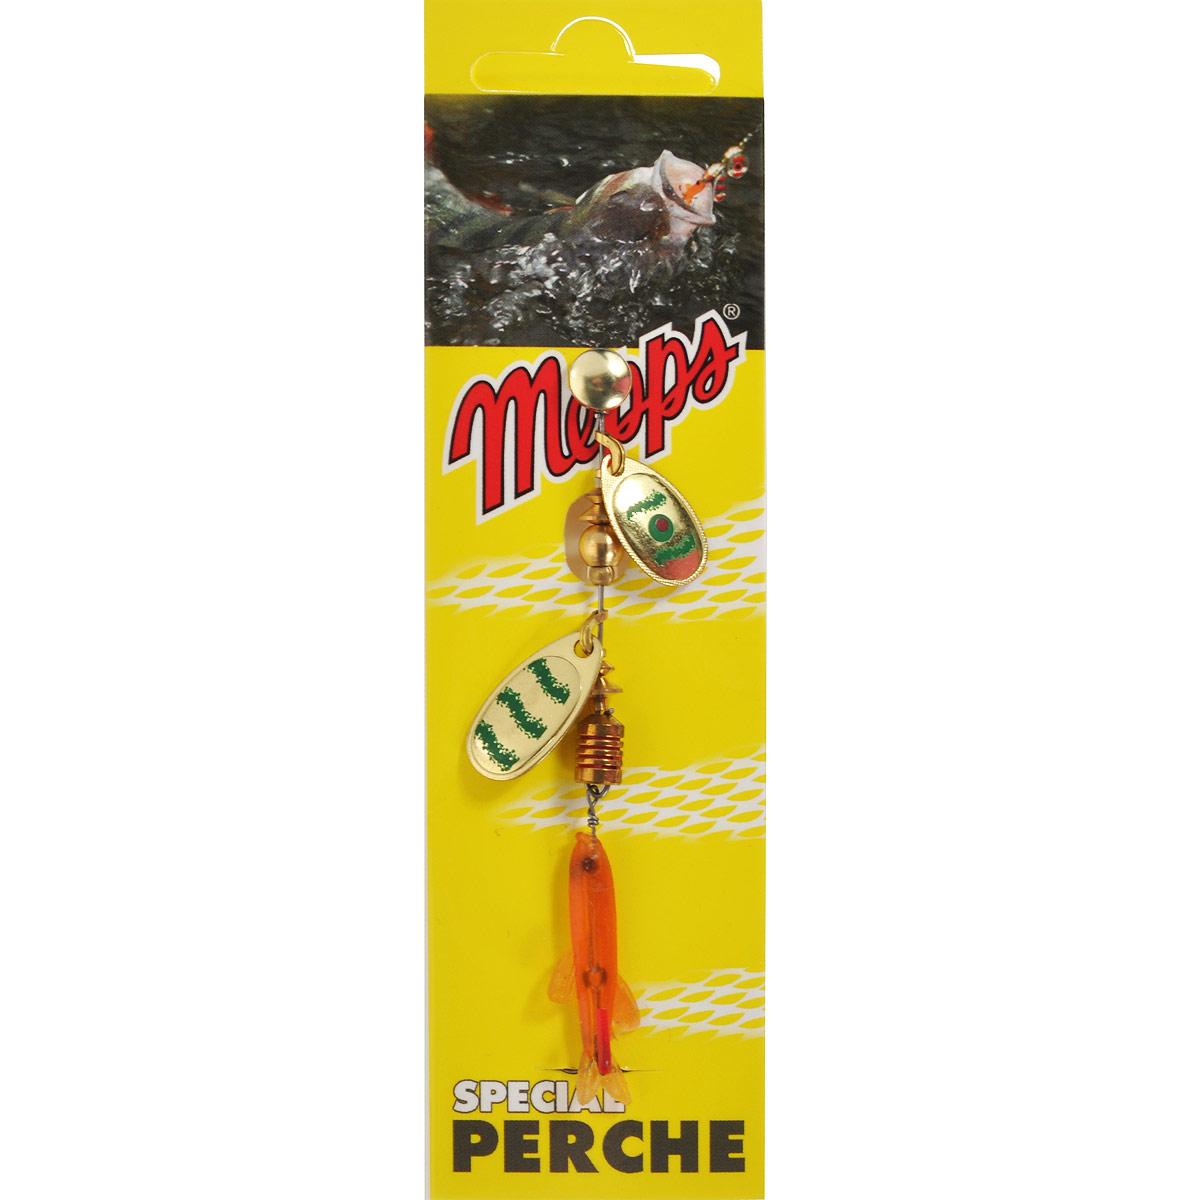 Блесна Mepps Tandem Perch OR/VERT, вращающаяся010-01199-23Вращающаяся блесна Mepps Tandem Perch OR/VERT в первую очередь рассчитана на ловлю окуня, который наиболее распространен в большинстве рек и озер. Двойной лепесток Tandem Perch и плавное погружение дают быстрые и сверх привлекательные сигналы, что вызывает у хищника желание полакомиться мальком.